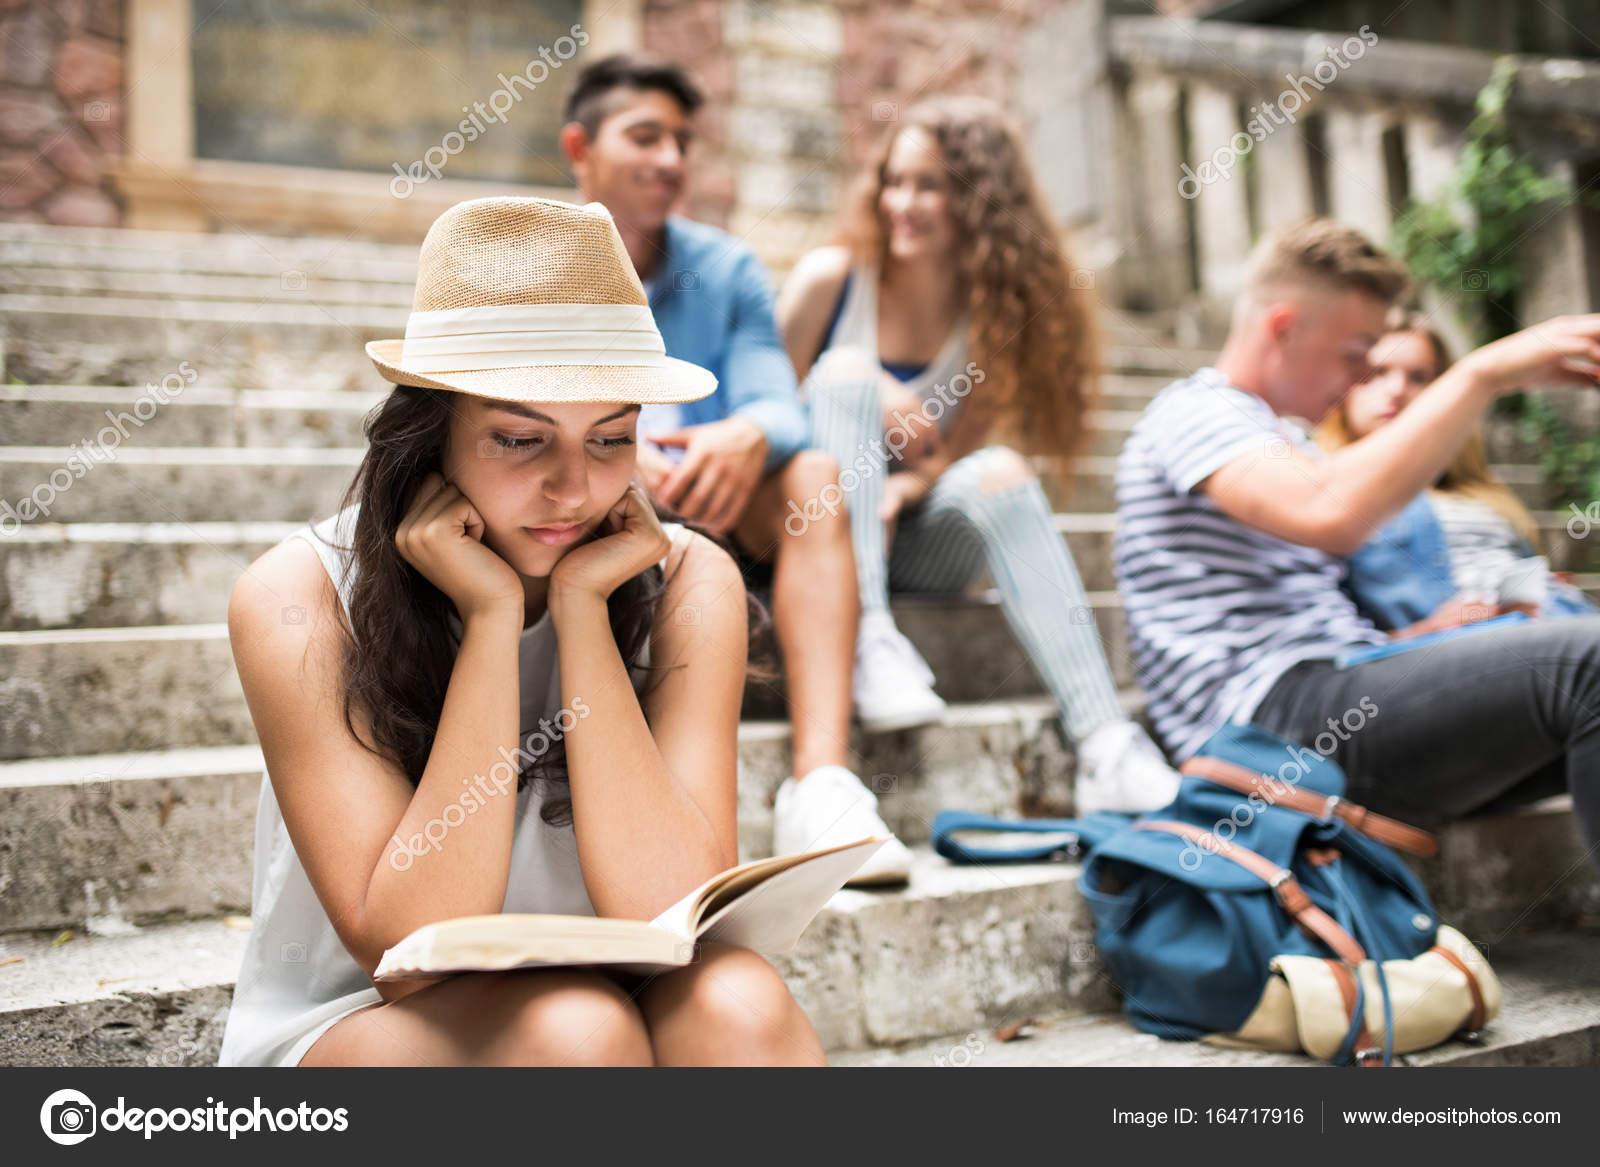 fbe1e7997 Chica estudiante adolescente sentado en los escalones de piedra ...